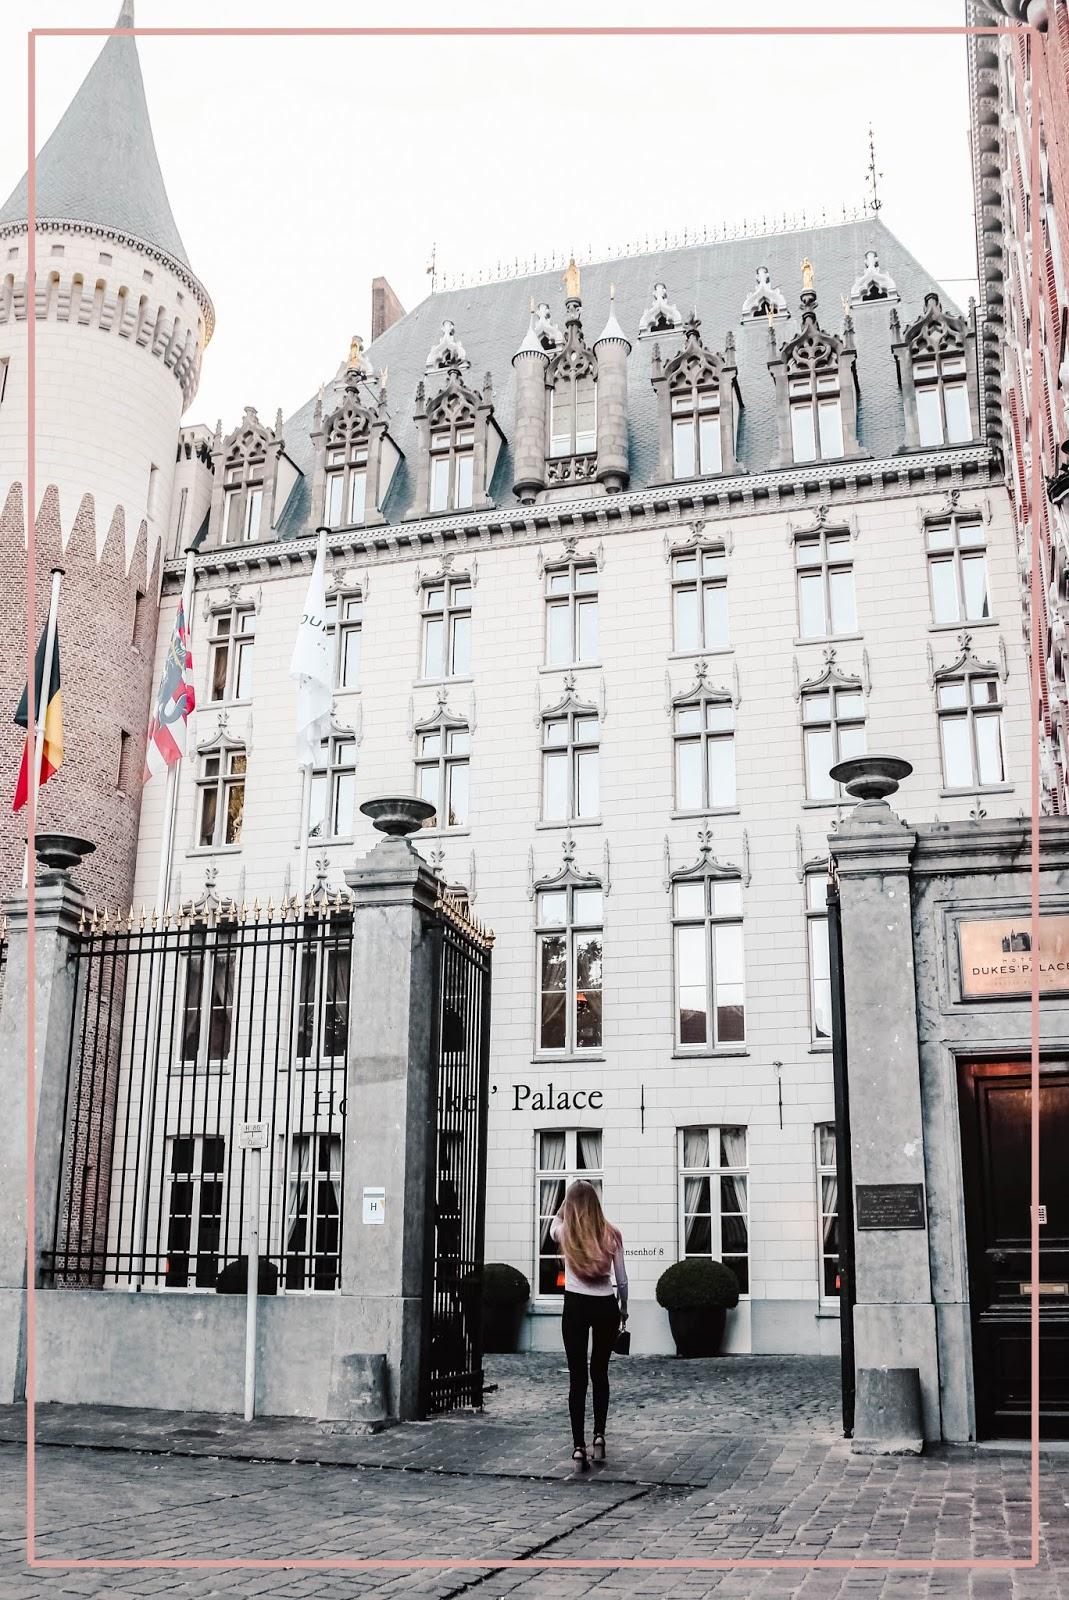 Prinsenhof 8 Hotel Dukes Palace Brugge Address